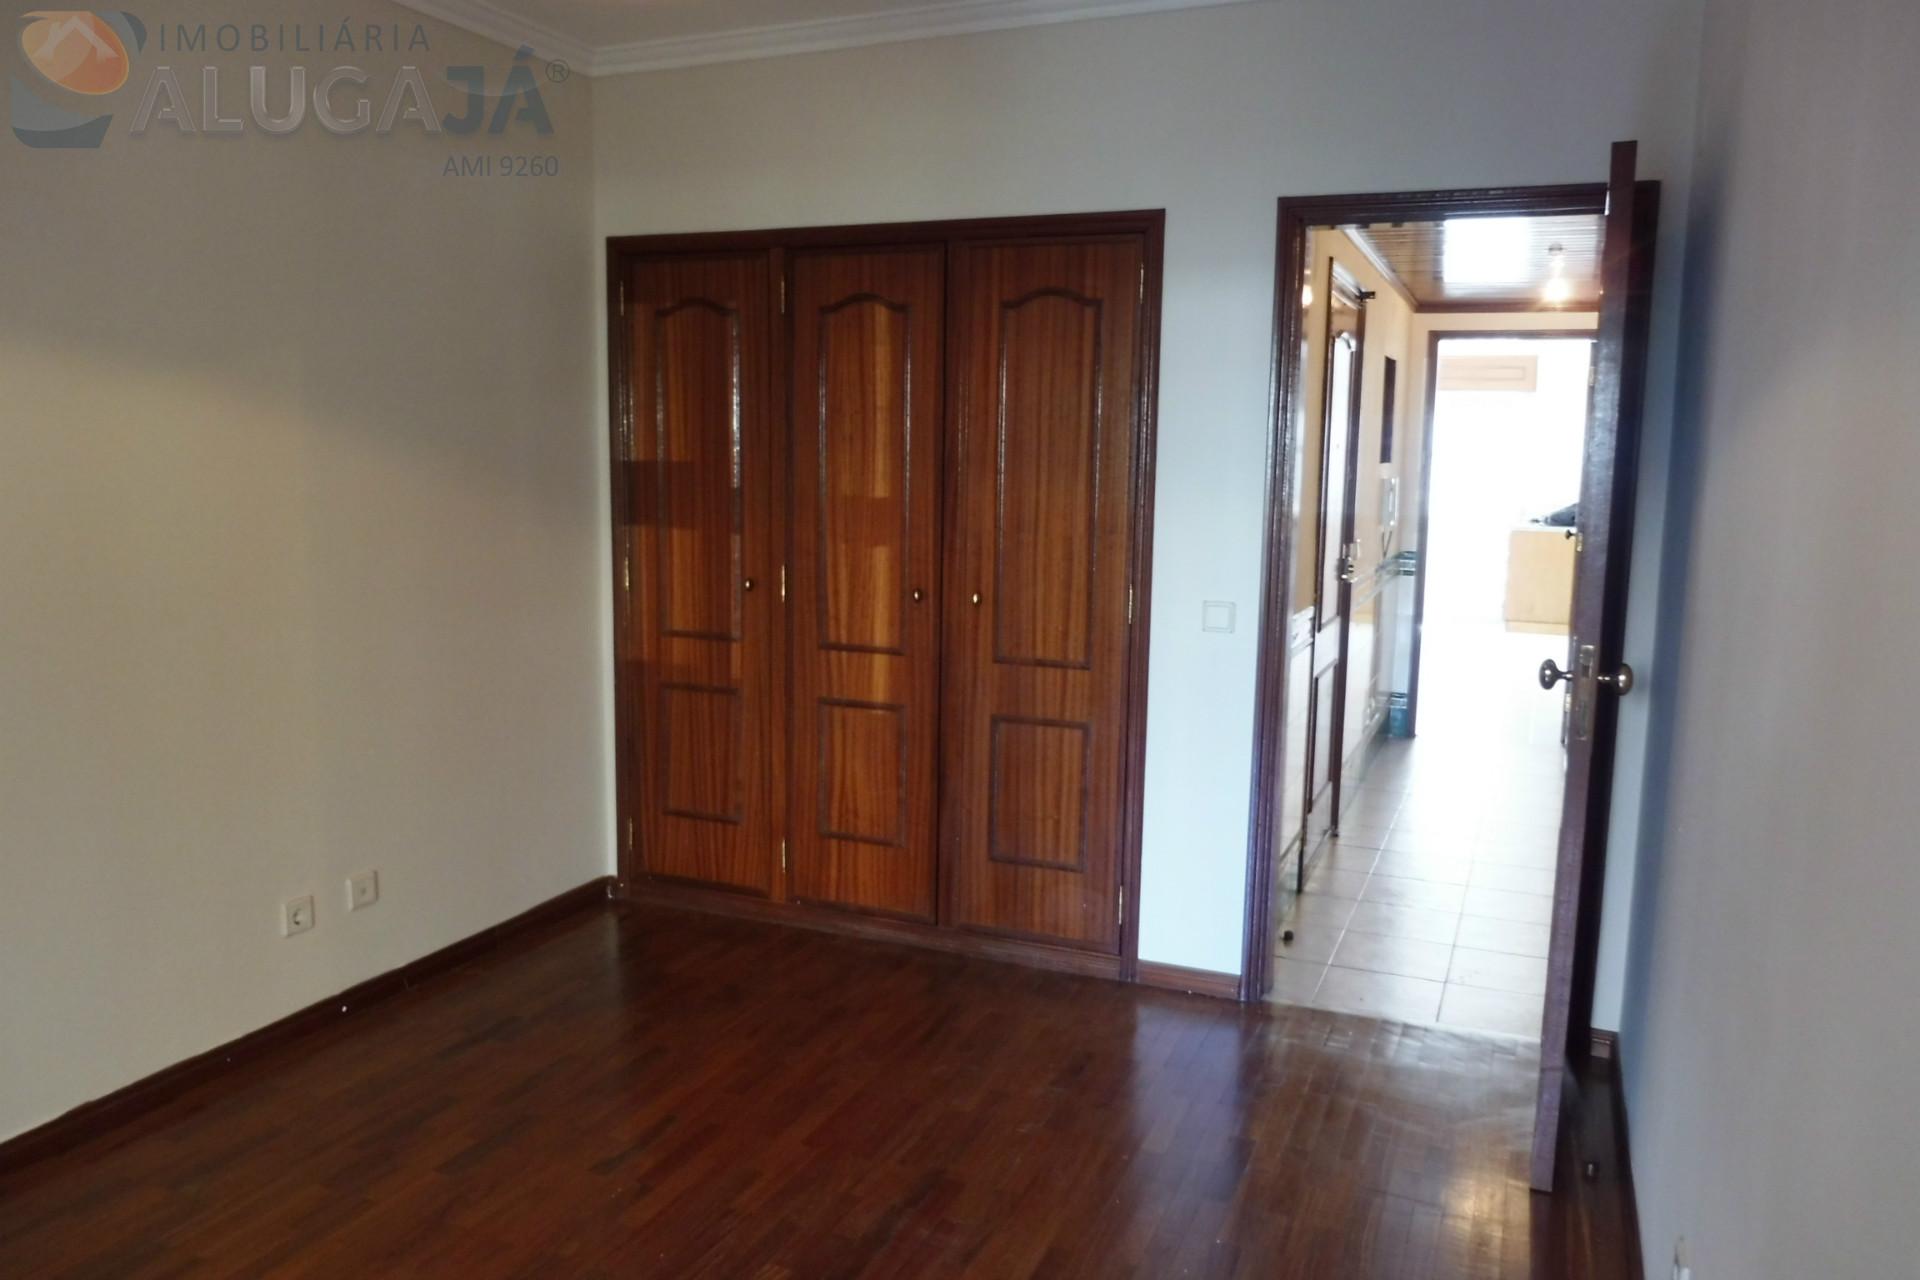 Apartamento T2 com arrecadação em zona sossegada, pronto a habitar